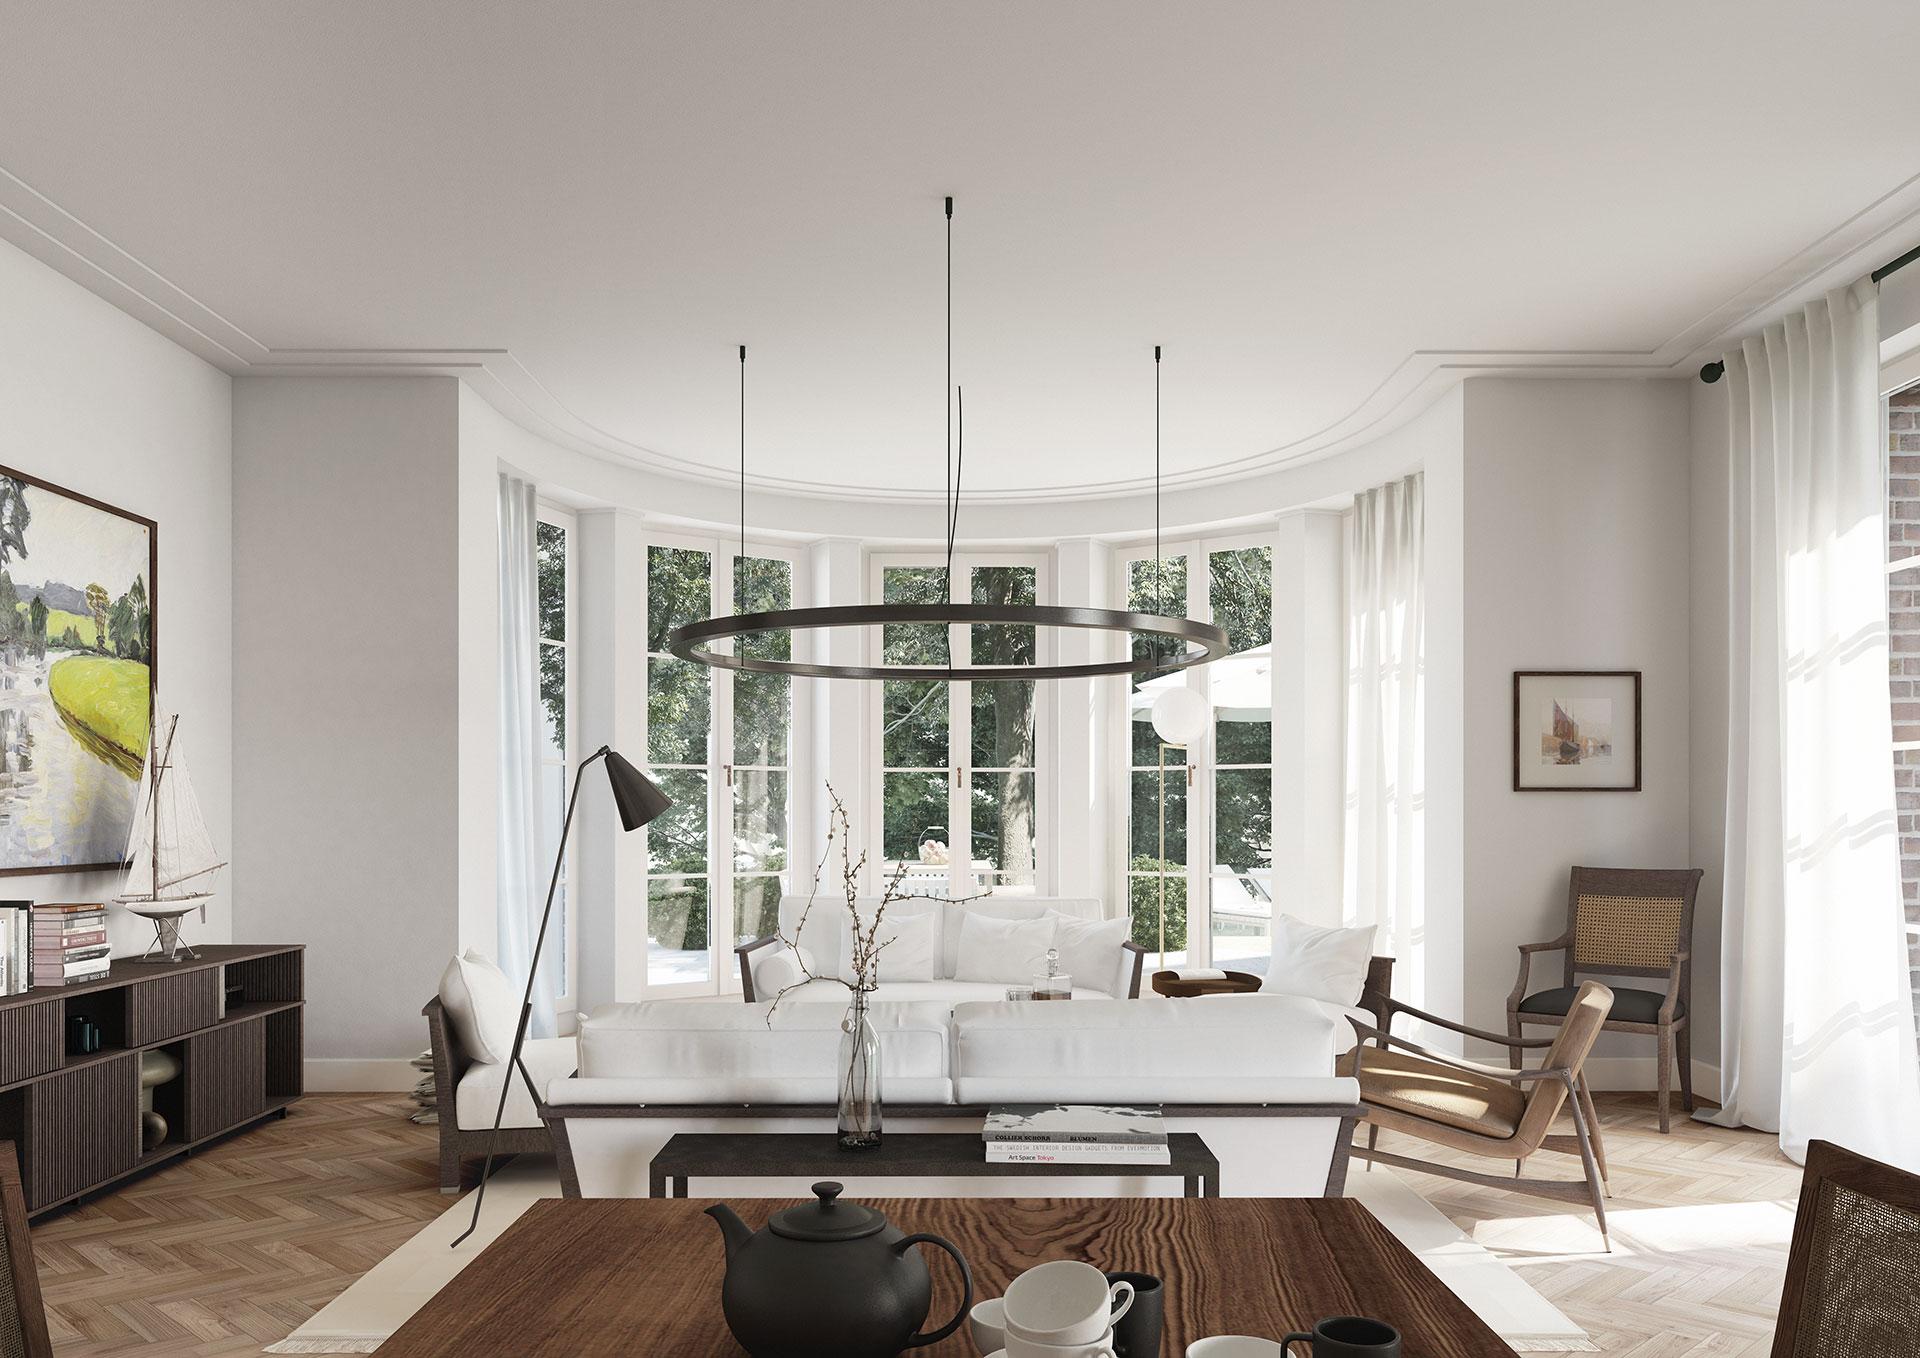 Interior Wohn- und Esszimmer mit Fischgrätparkett und bodentiefen Fenstern